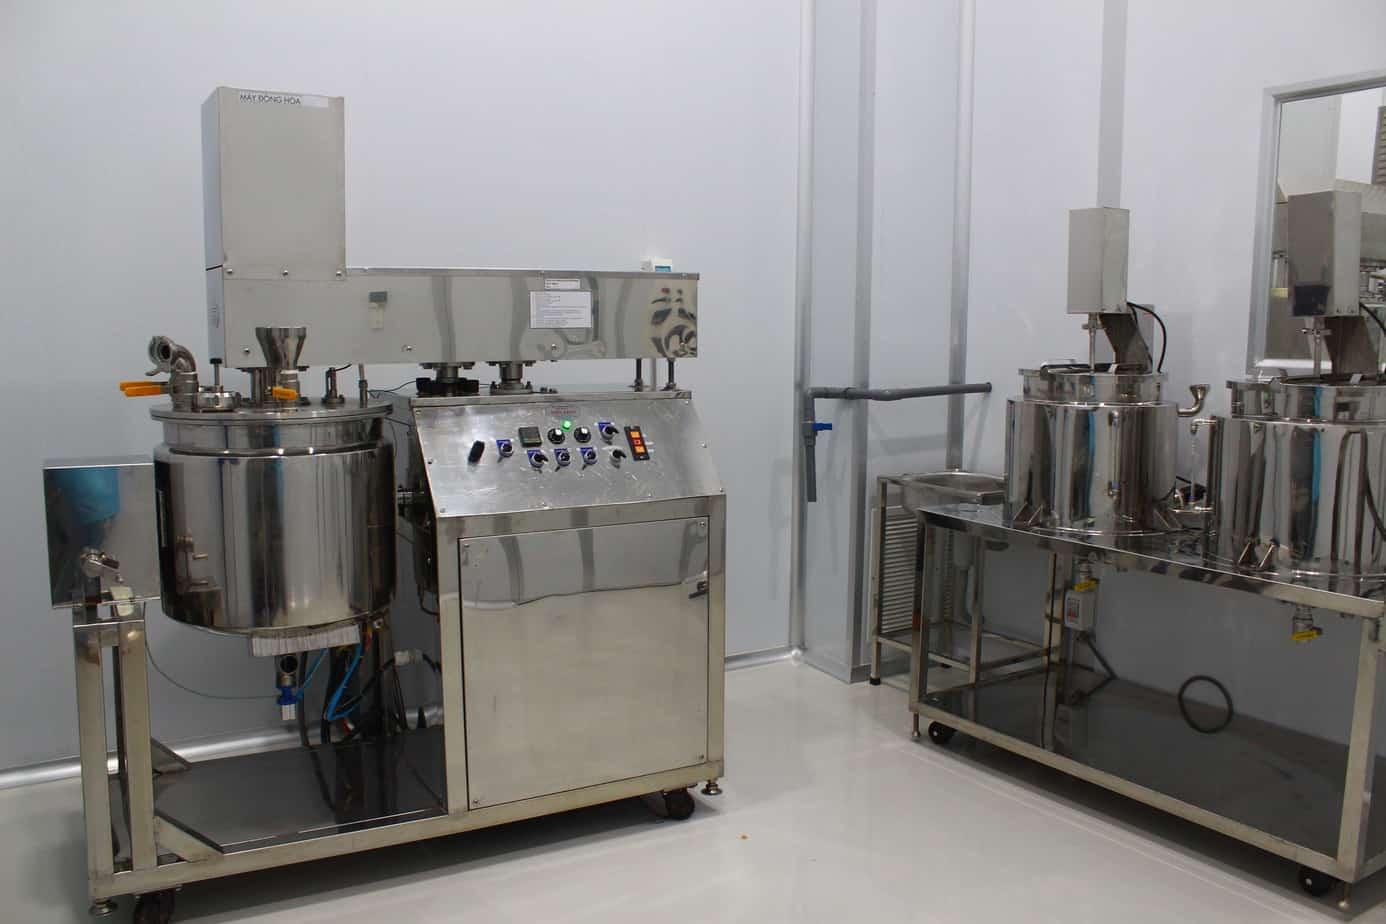 nhà máy gia công mỹ phẩm chất lượng cao ifree